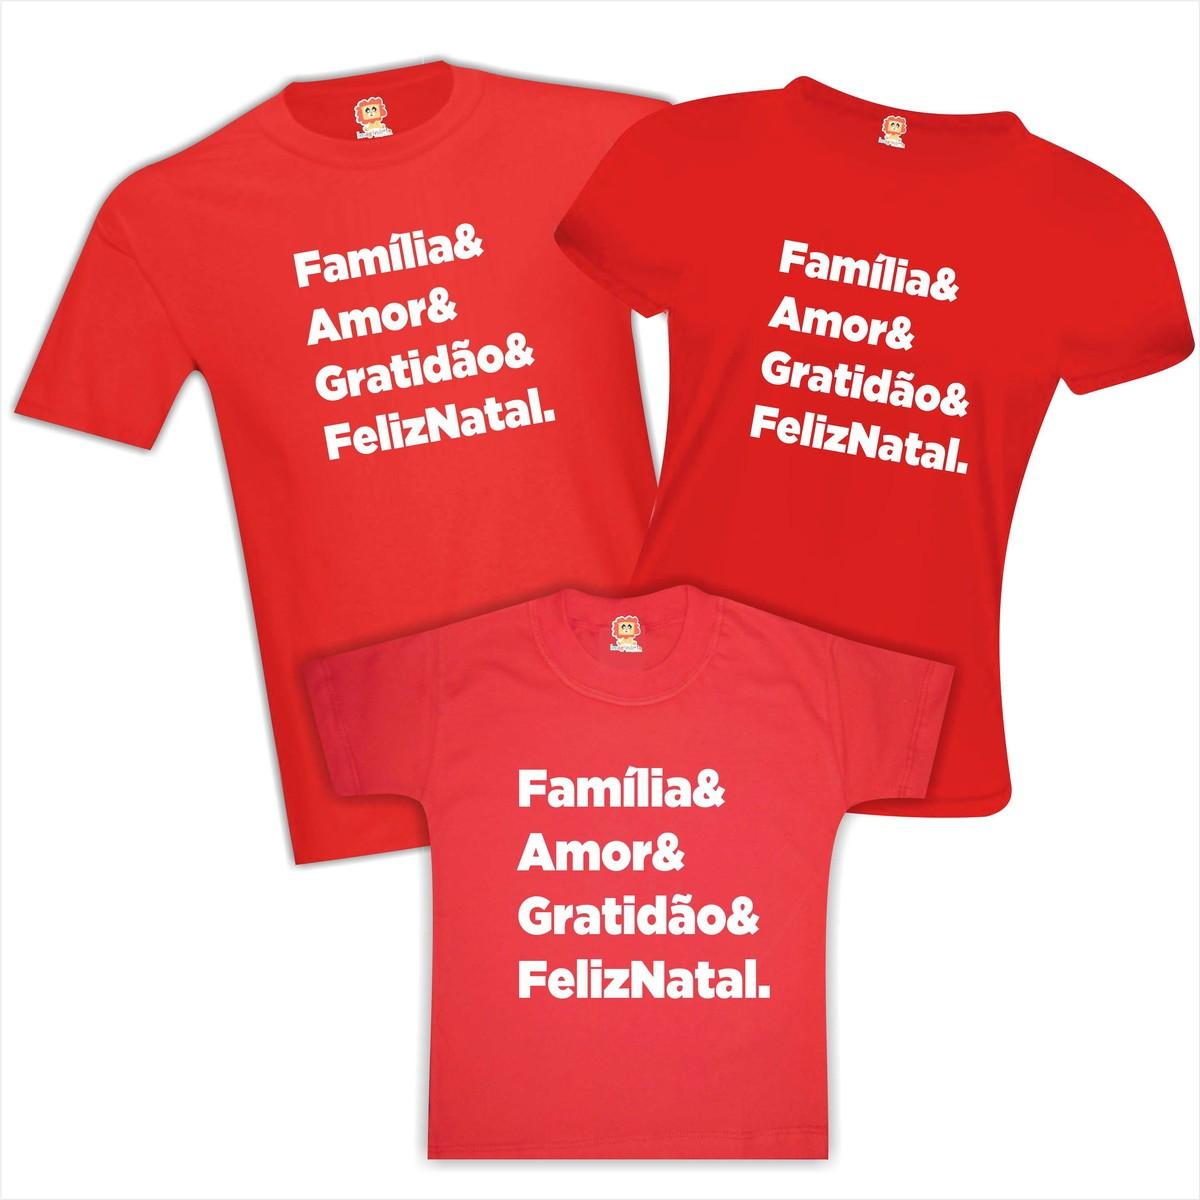 Kit Camisetas de Natal Família Amor Gratidão Feliz Natal